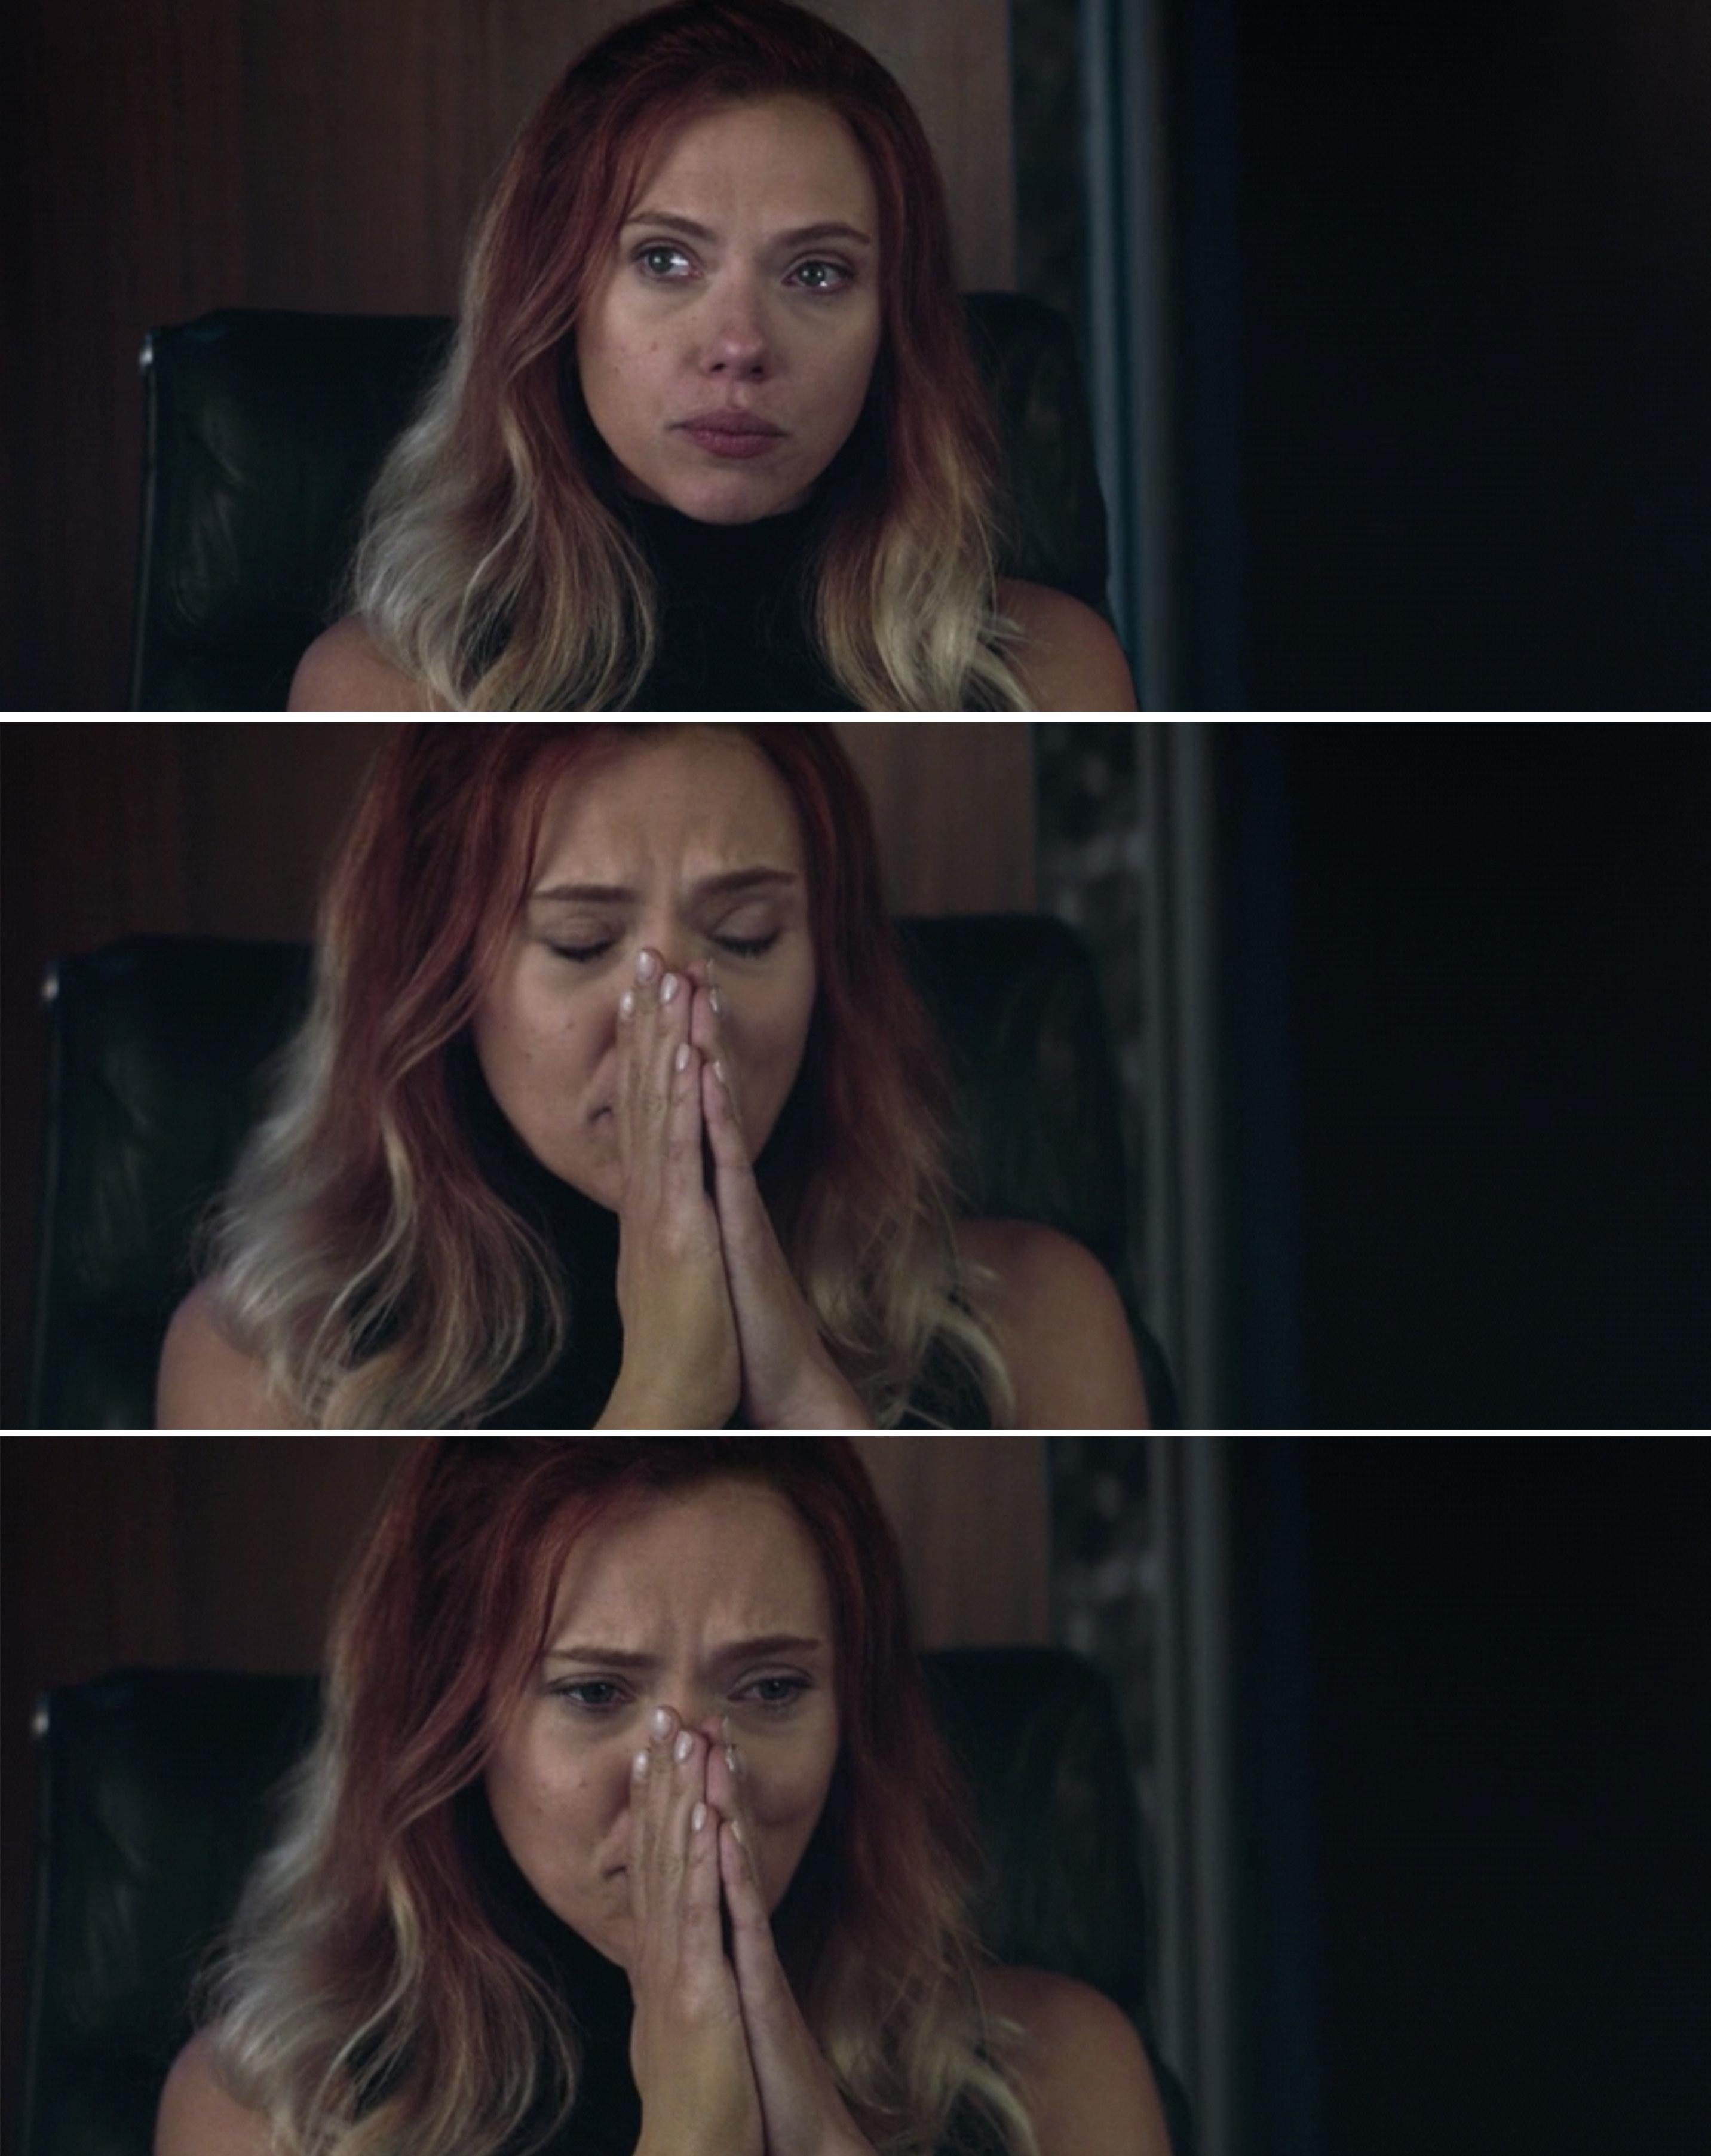 Natasha crying